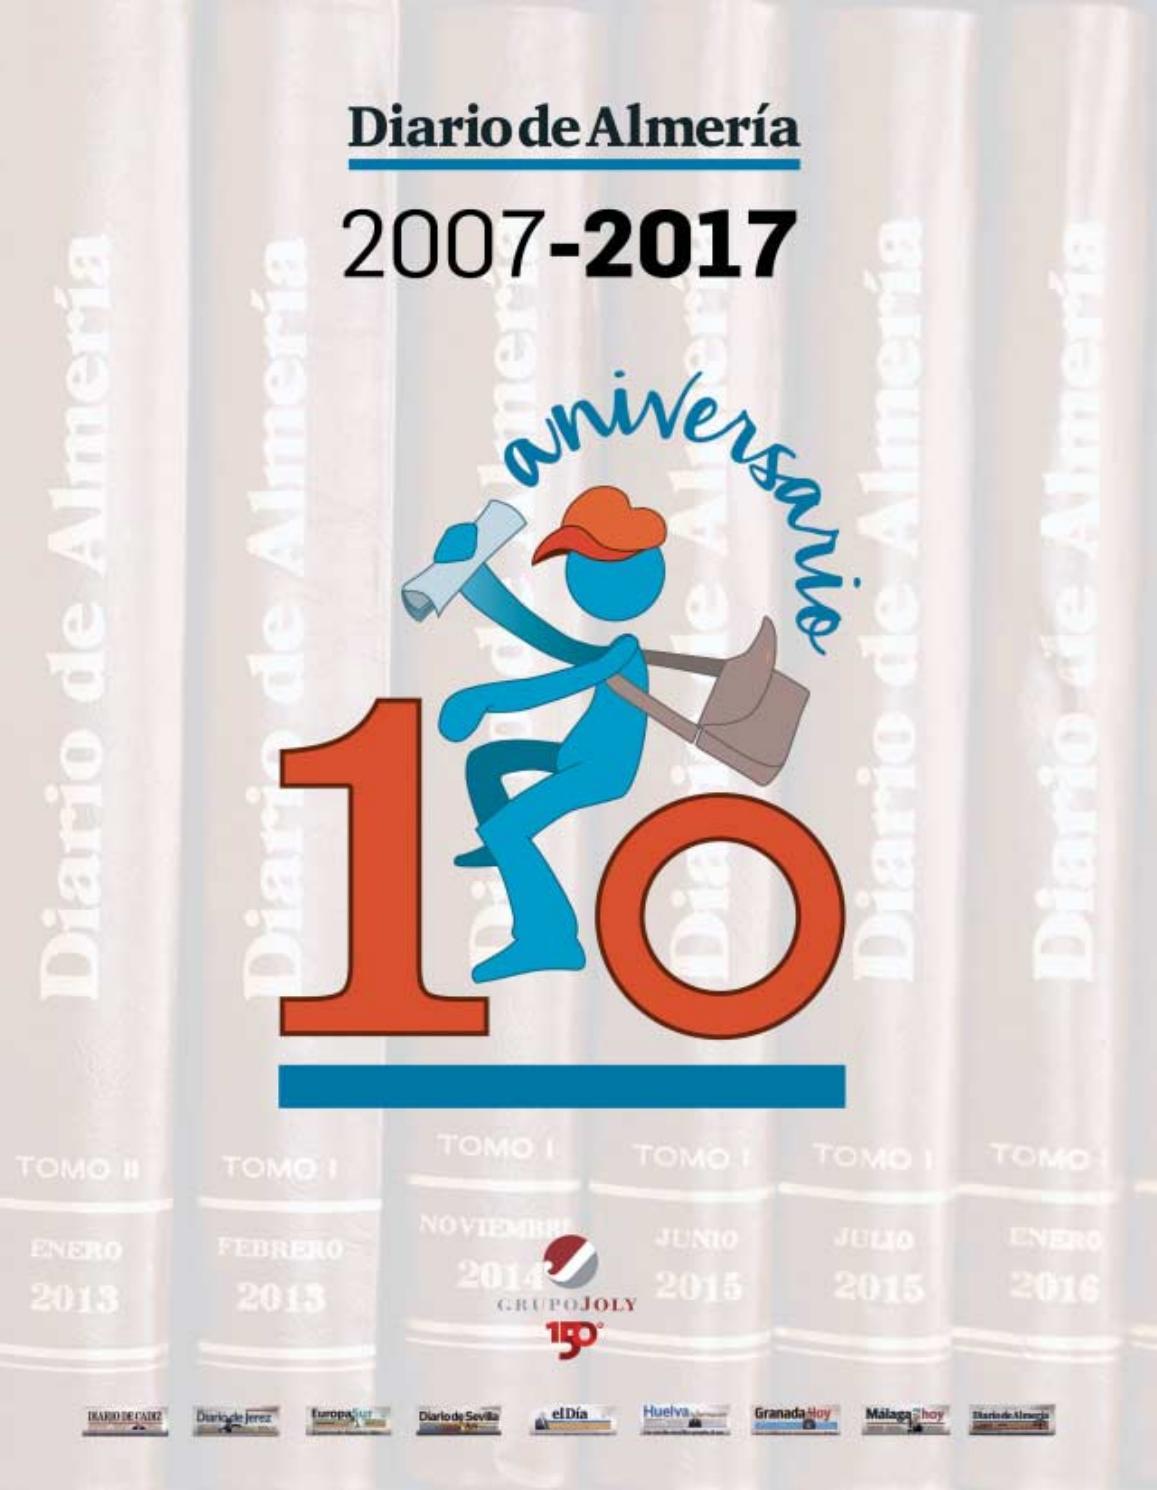 Diario De Almer A 10 Aniversario 2007 2017 By Joly_digital  # Muebles Lao Abrucena